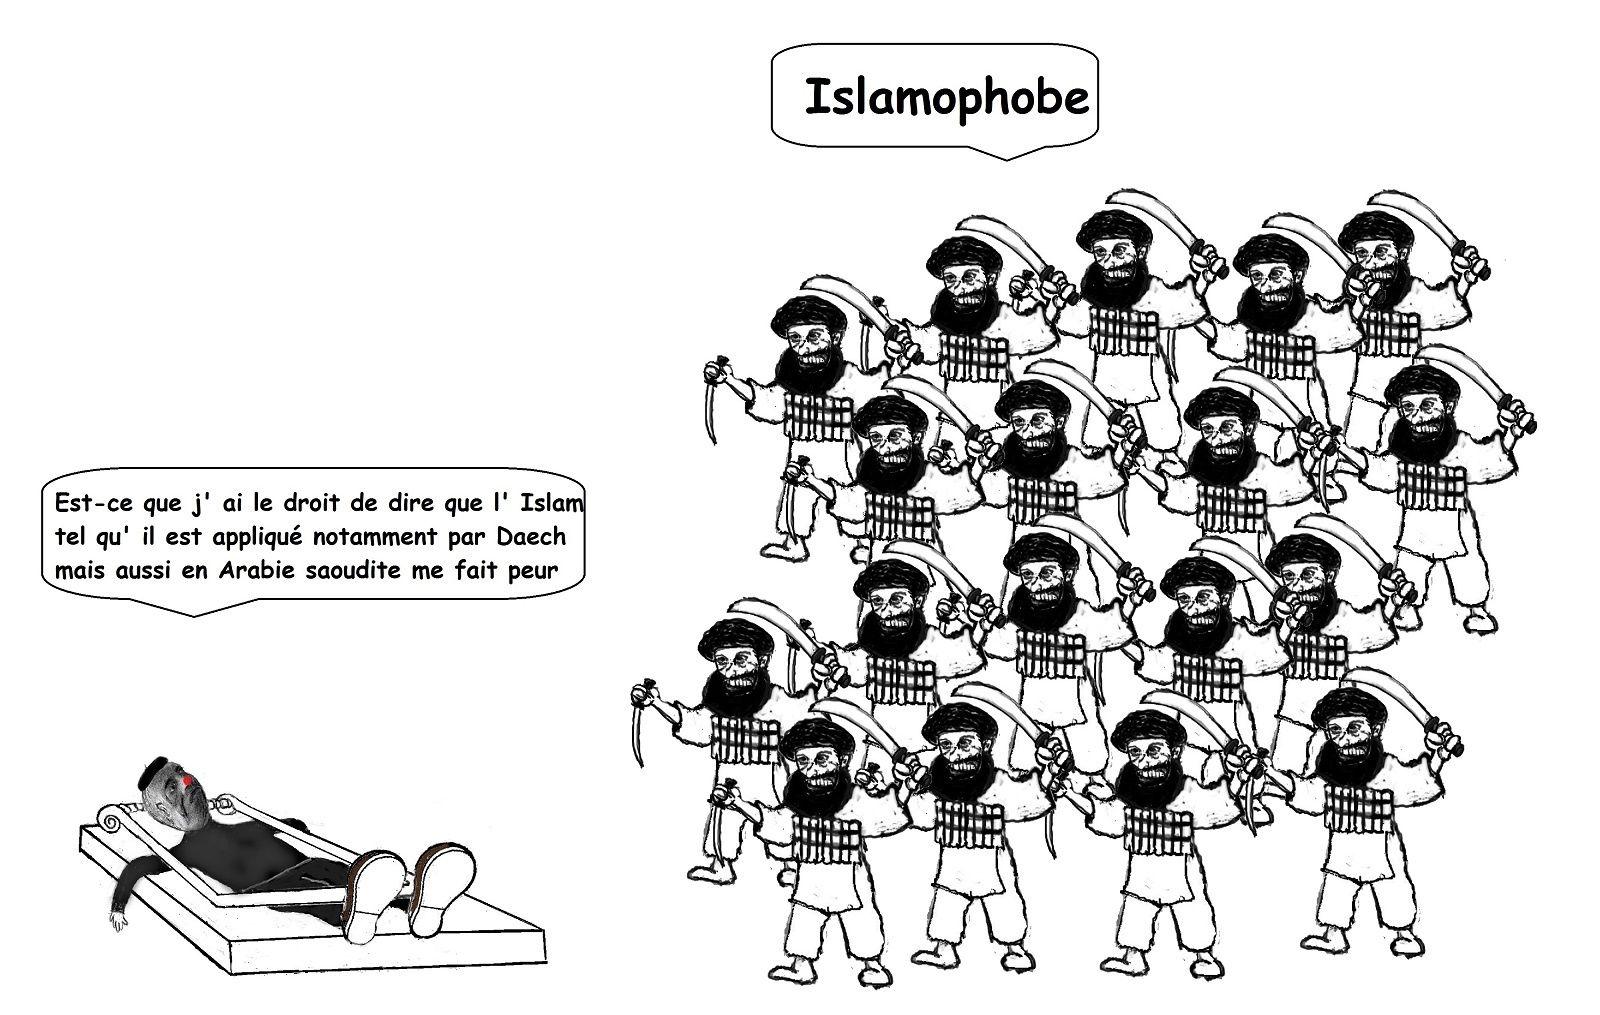 """La prétendue """"islamophobie"""" est une arme utilisée contre notre mode de vie"""